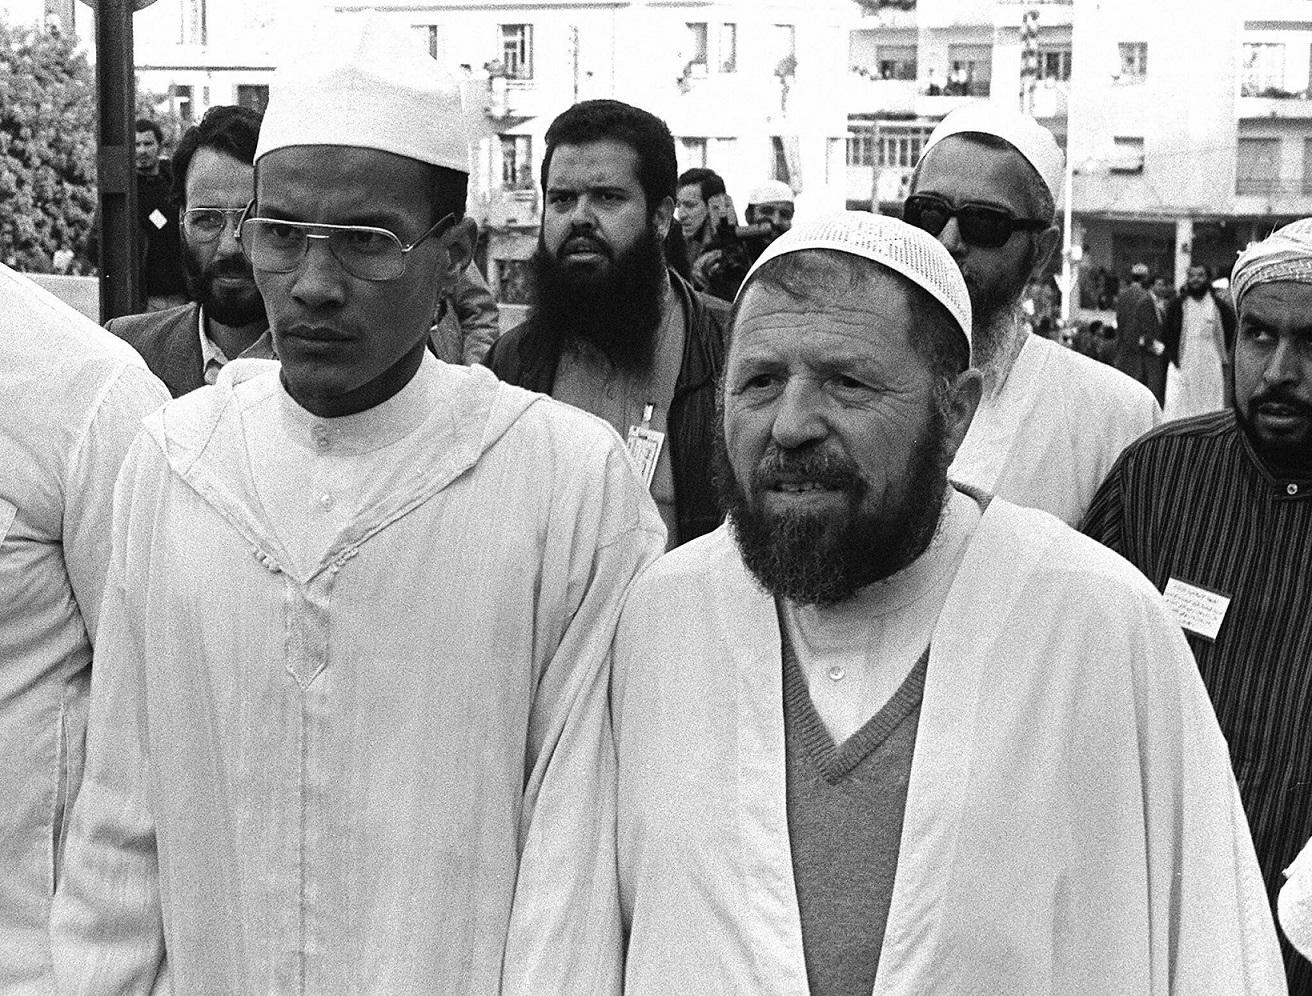 Le chef historique du Front islamique du salut (FIS), Abassi Madani (à droite), aux côtés du numéro deux du mouvement, Ali Belhadj, à Alger en mai 1991 (AFP)